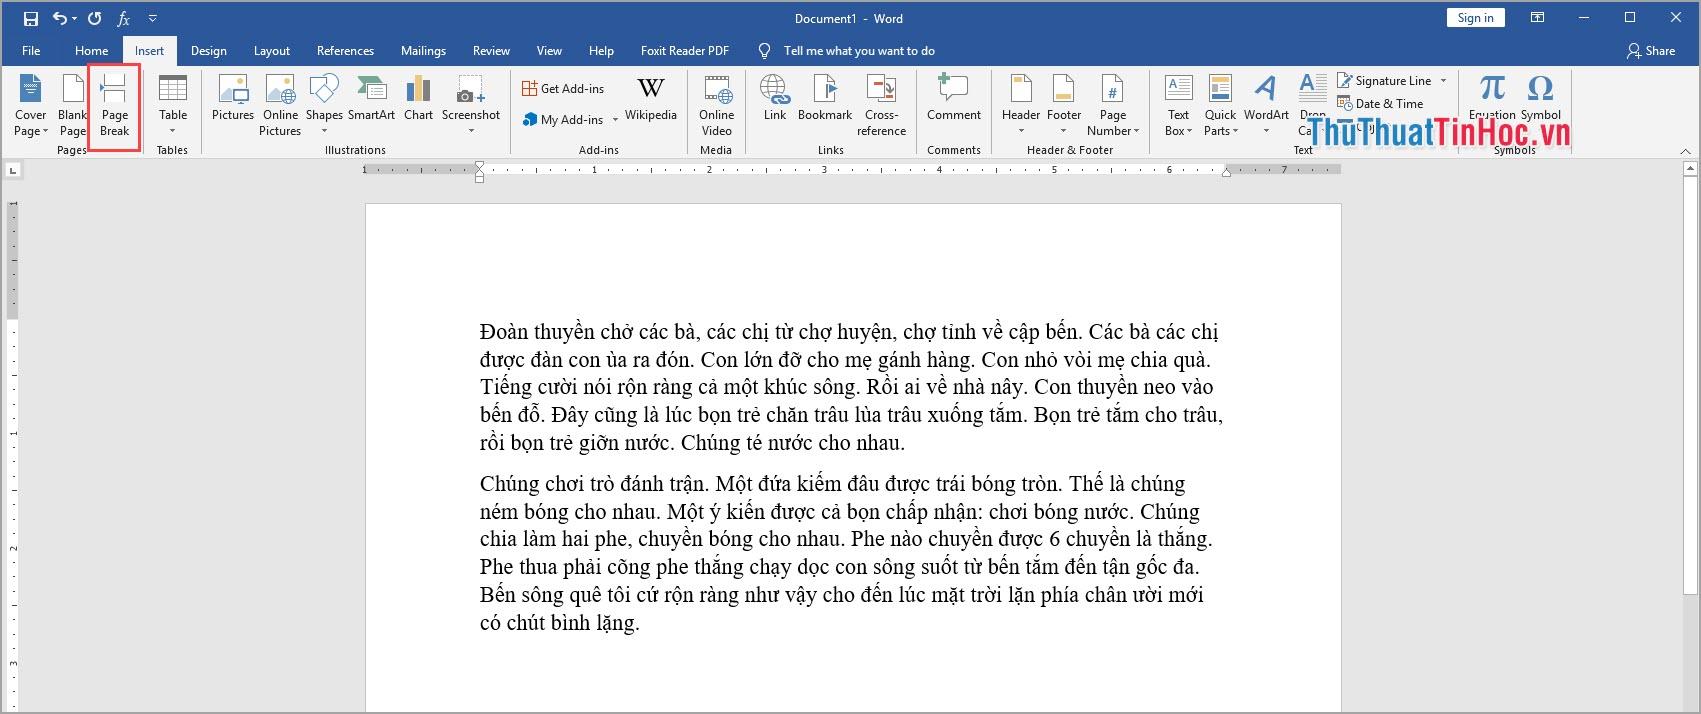 Chọn Page Break để tách đoạn văn bản và thêm trang trắng